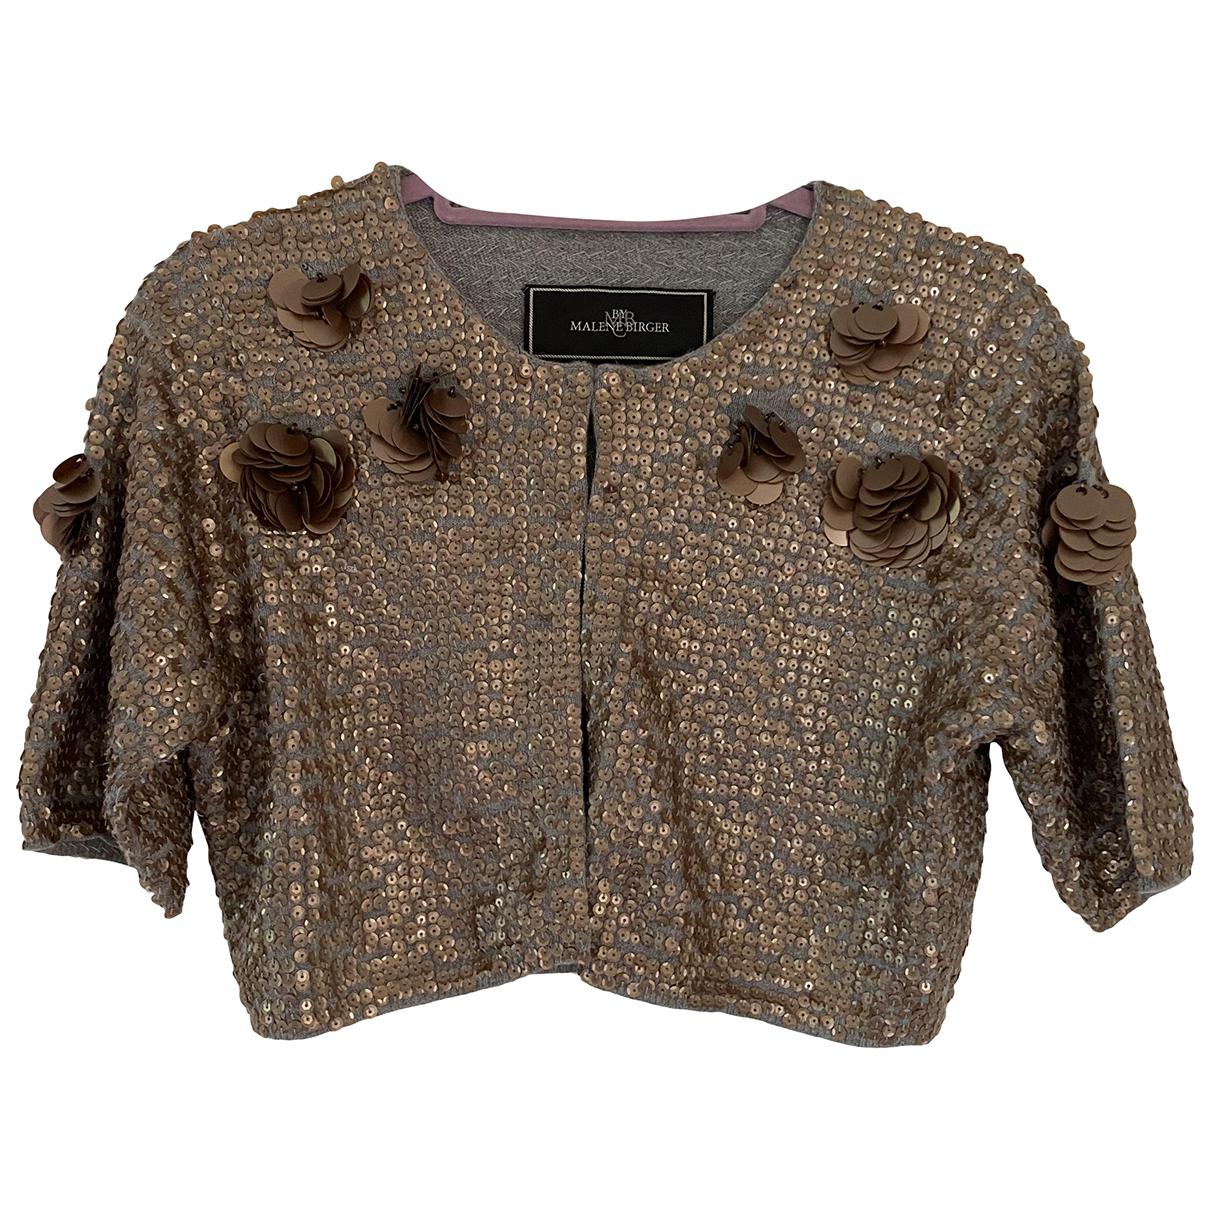 Day Birger & Mikkelsen N Grey Wool Knitwear for Women L International